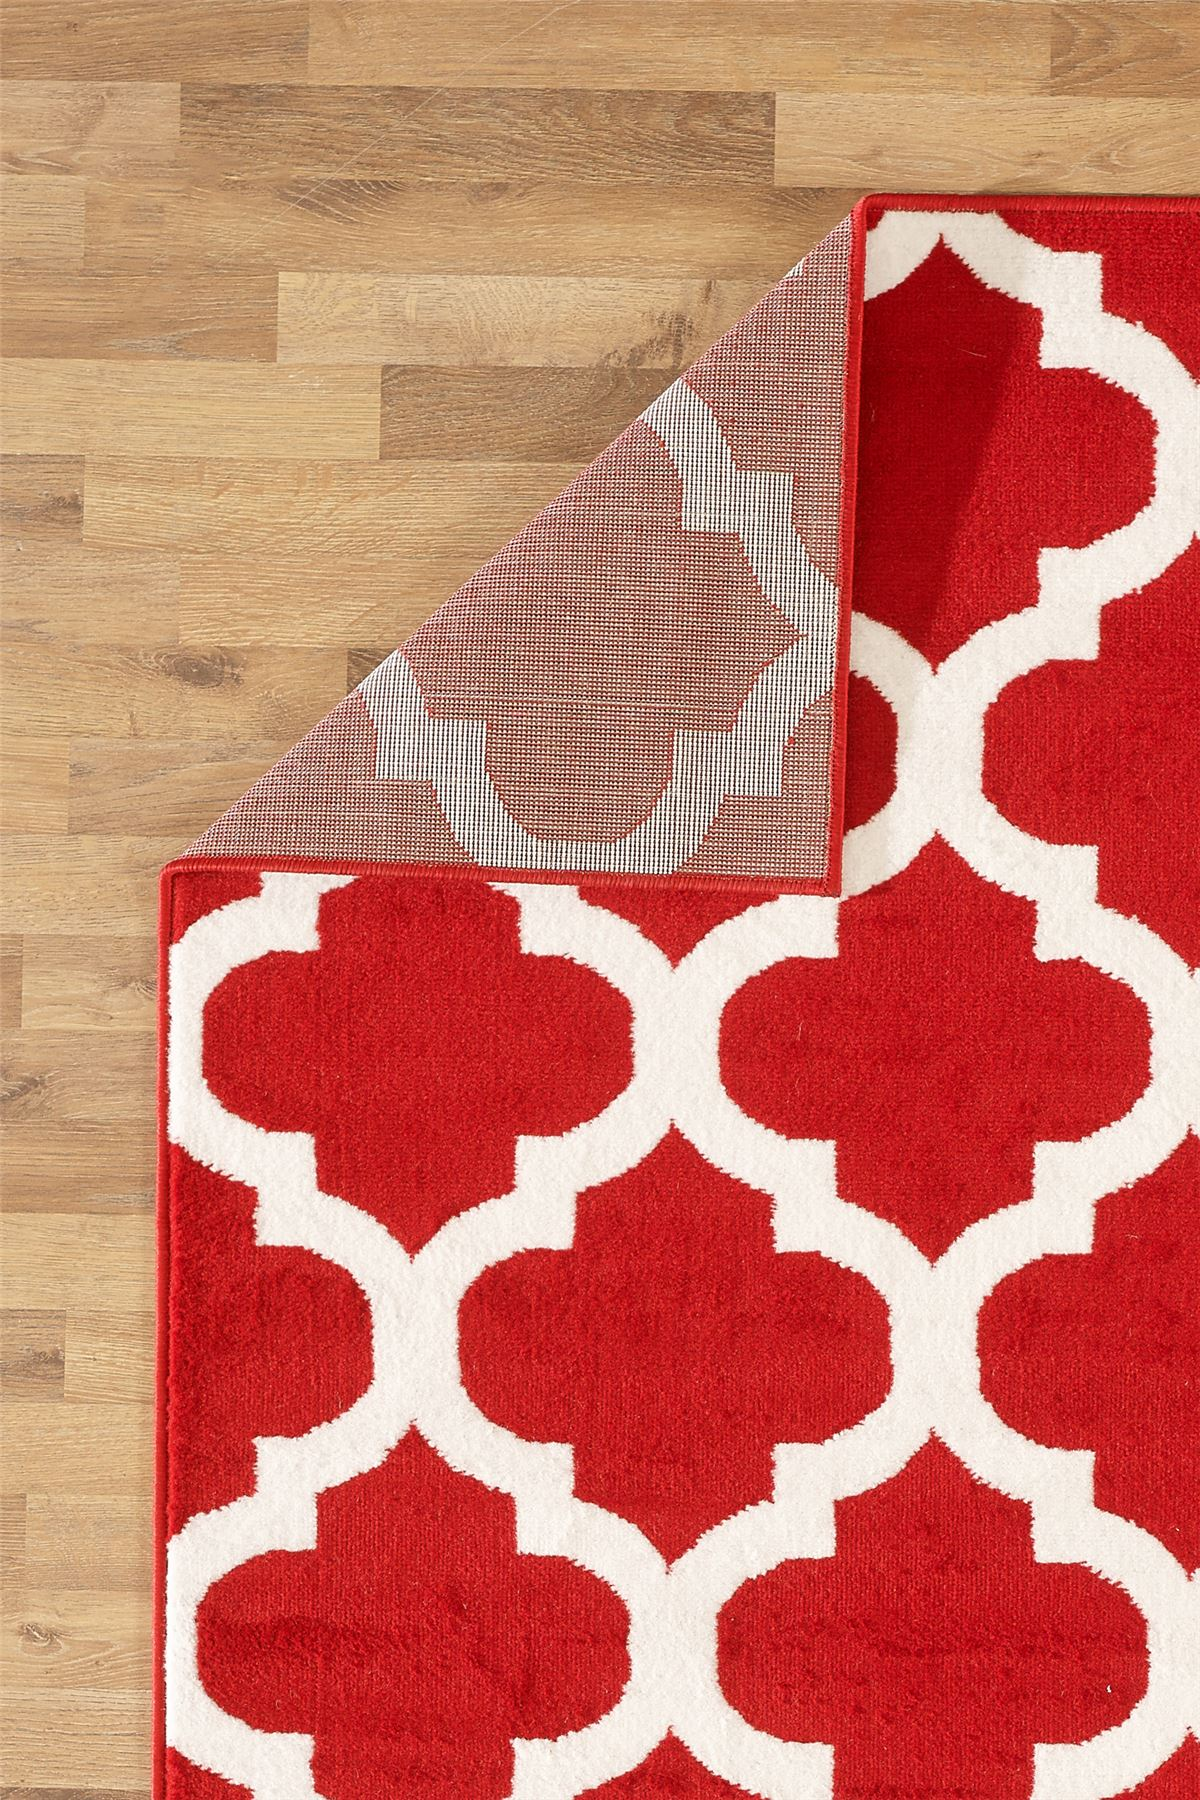 Nero-Rosso-Argento-Bianco-Viola-Moderno-Area-Tappeto-Traliccio-DESIGN-CUCINA-outdoorrug miniatura 21